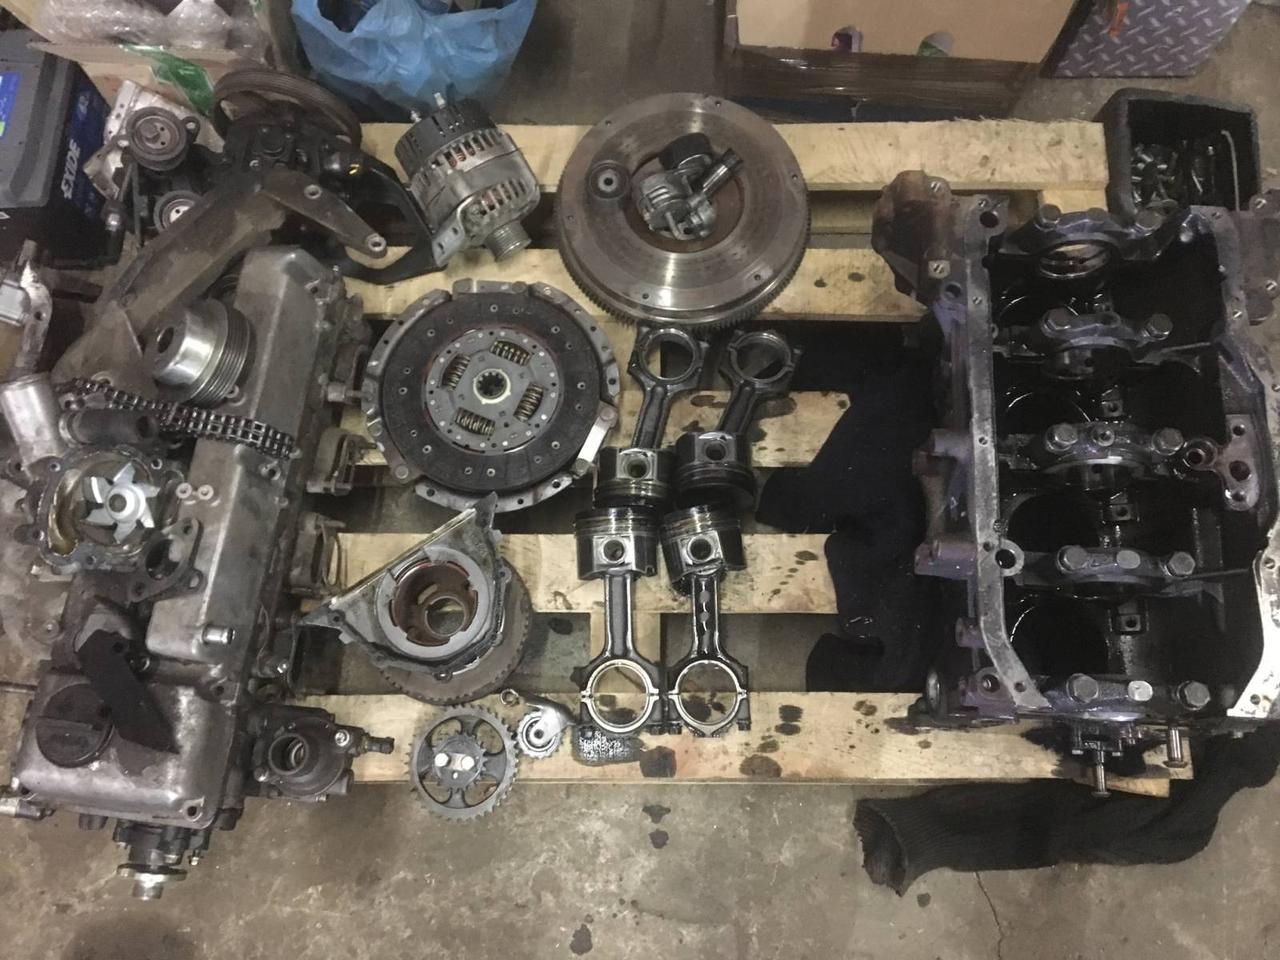 ЗМЗ 514 - дизельный двигатель УАЗ Хантер 2.2 литра | Otoba.ru | 960x1280